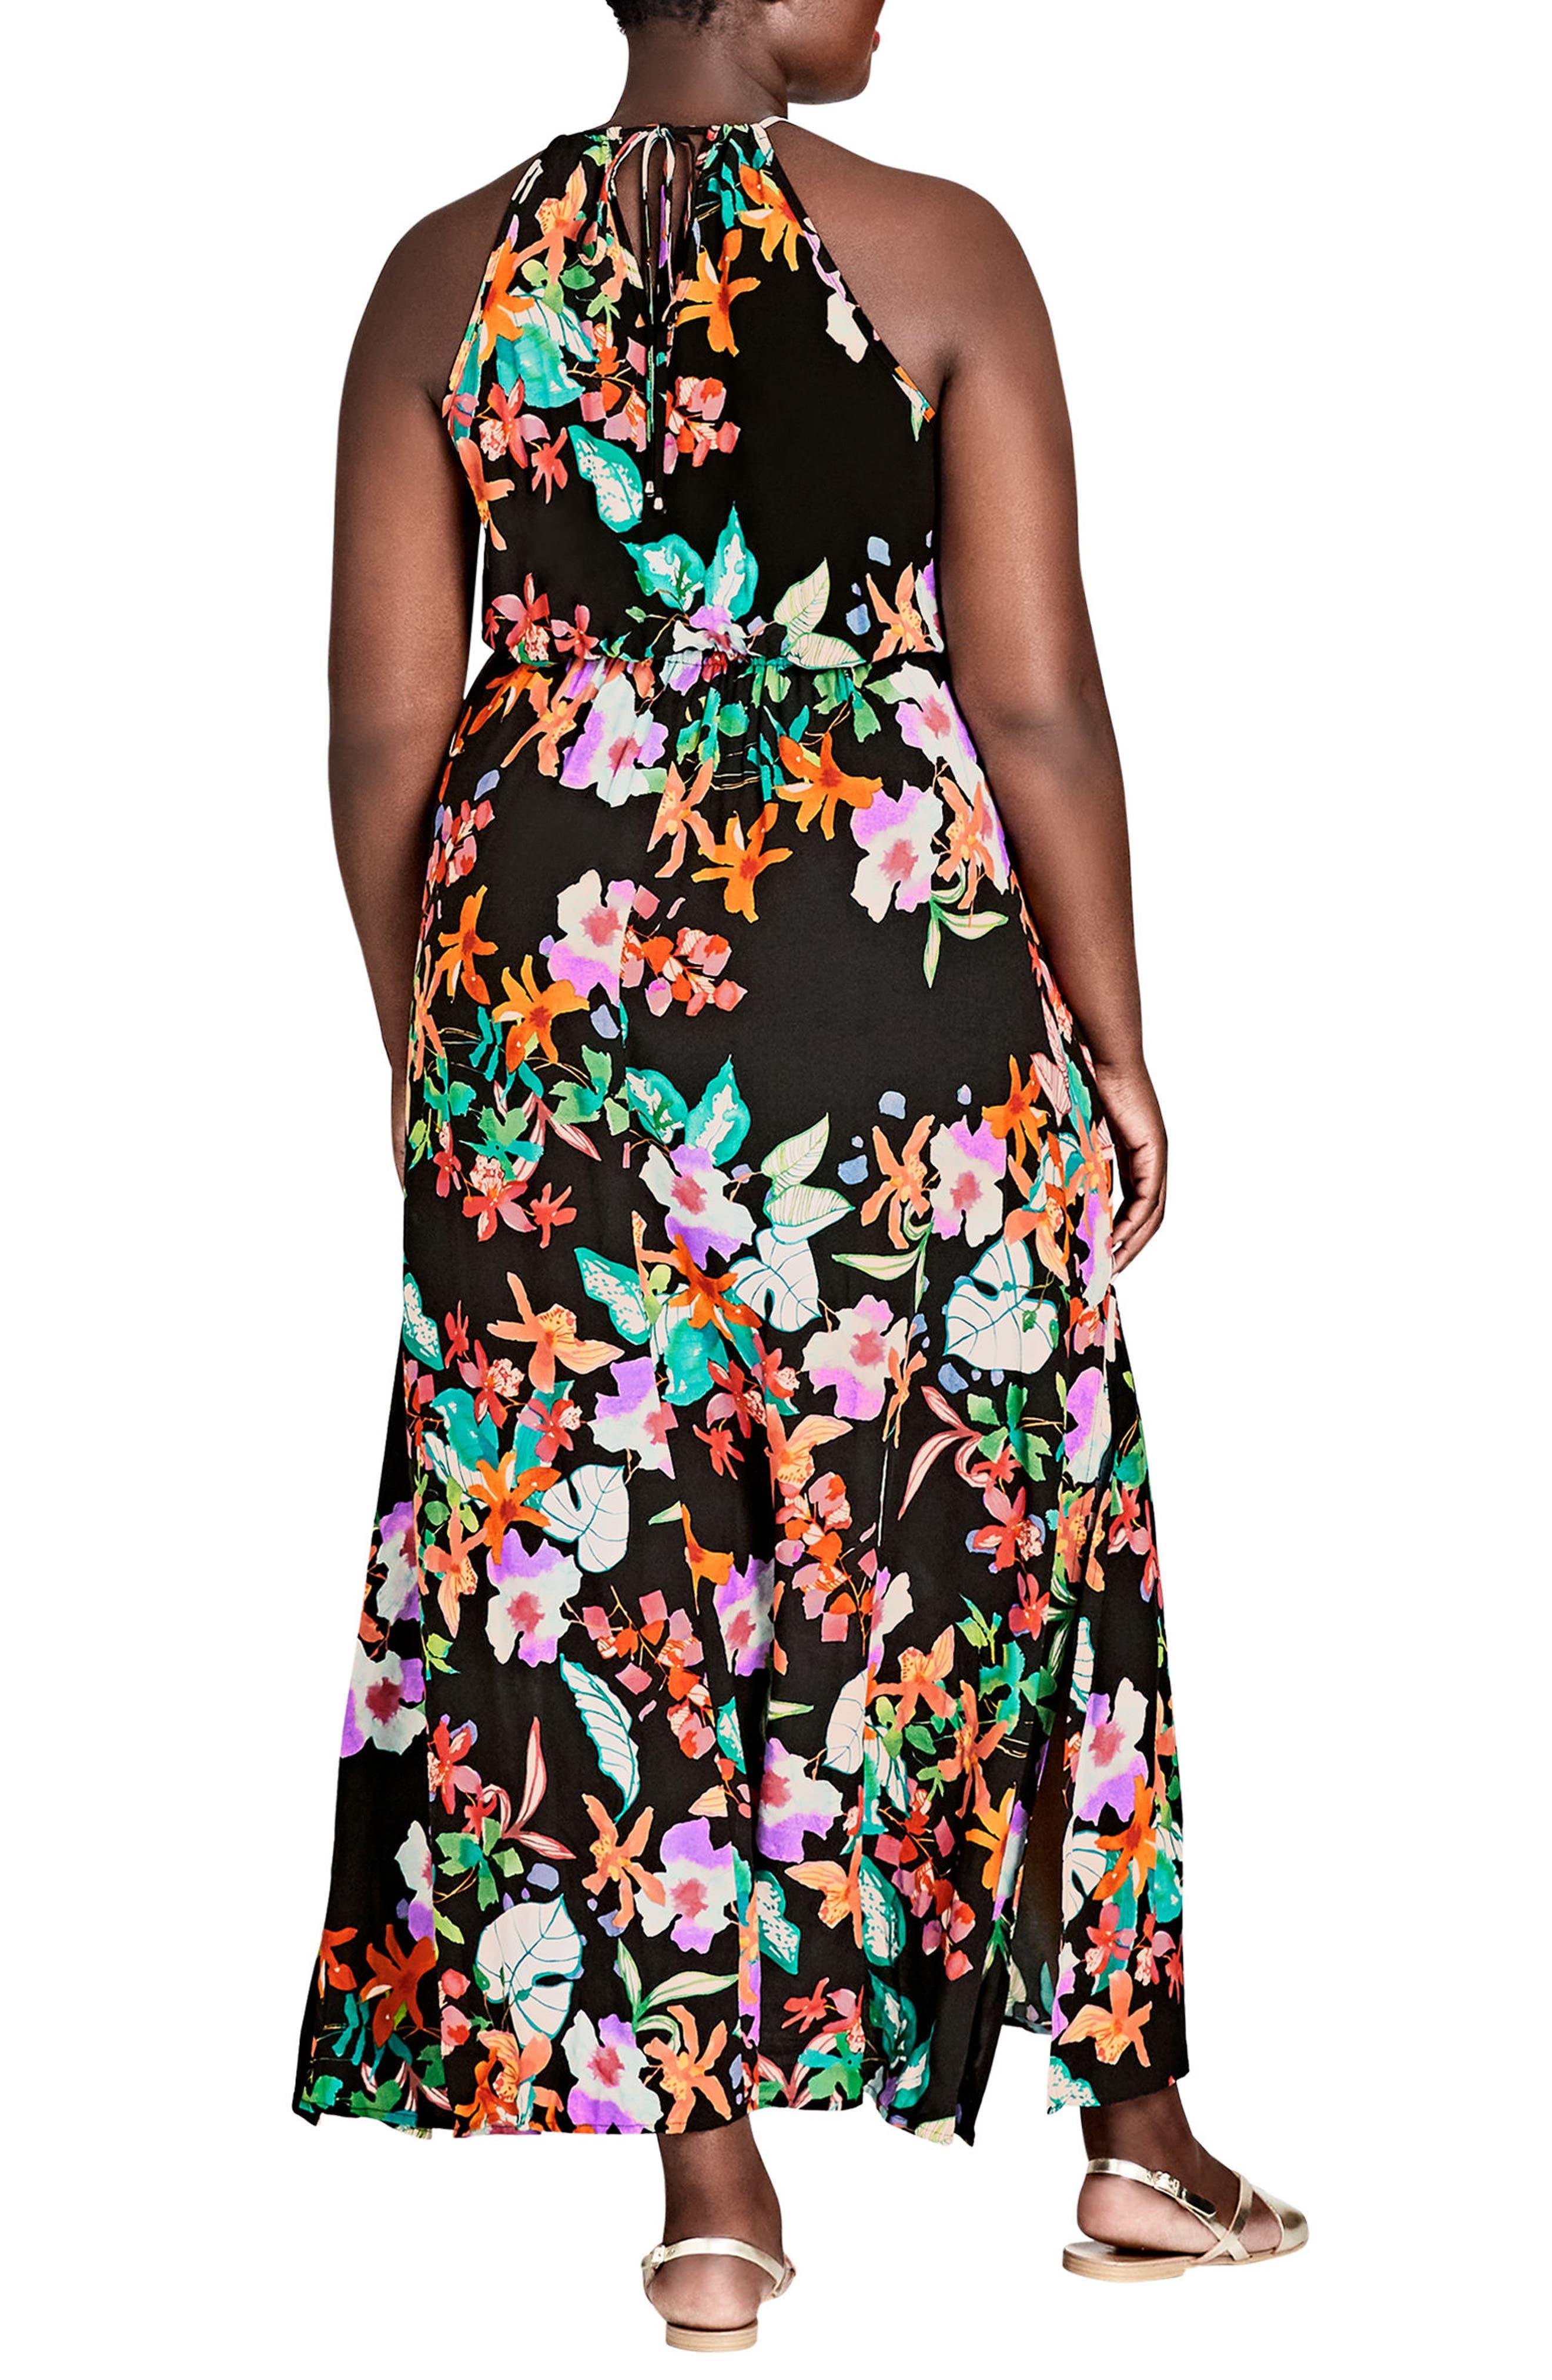 Molokai Floral Maxi Dress,                             Alternate thumbnail 2, color,                             MOLOKAI FLORAL